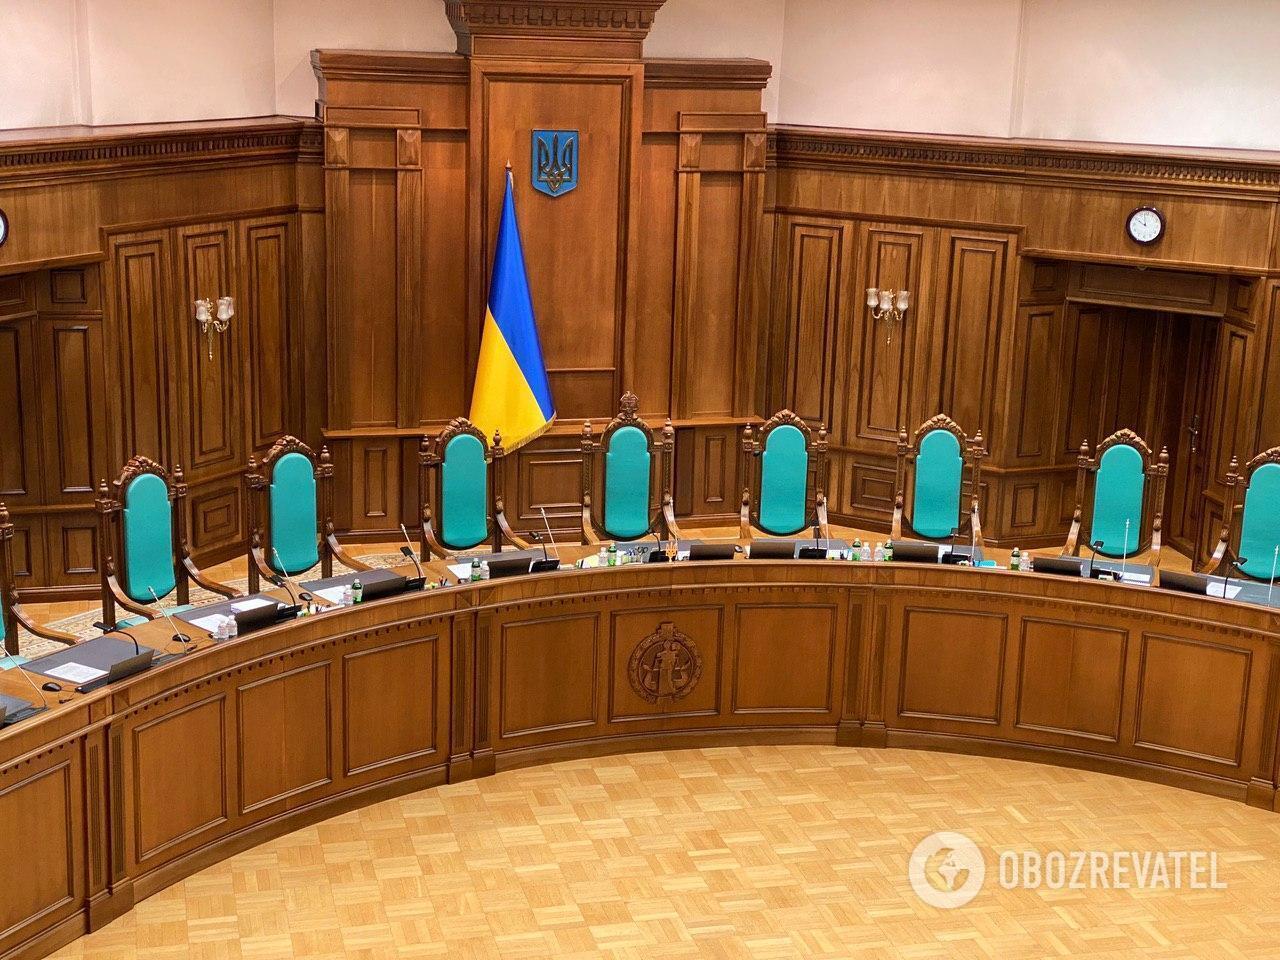 Зал Конституционного суда Украины